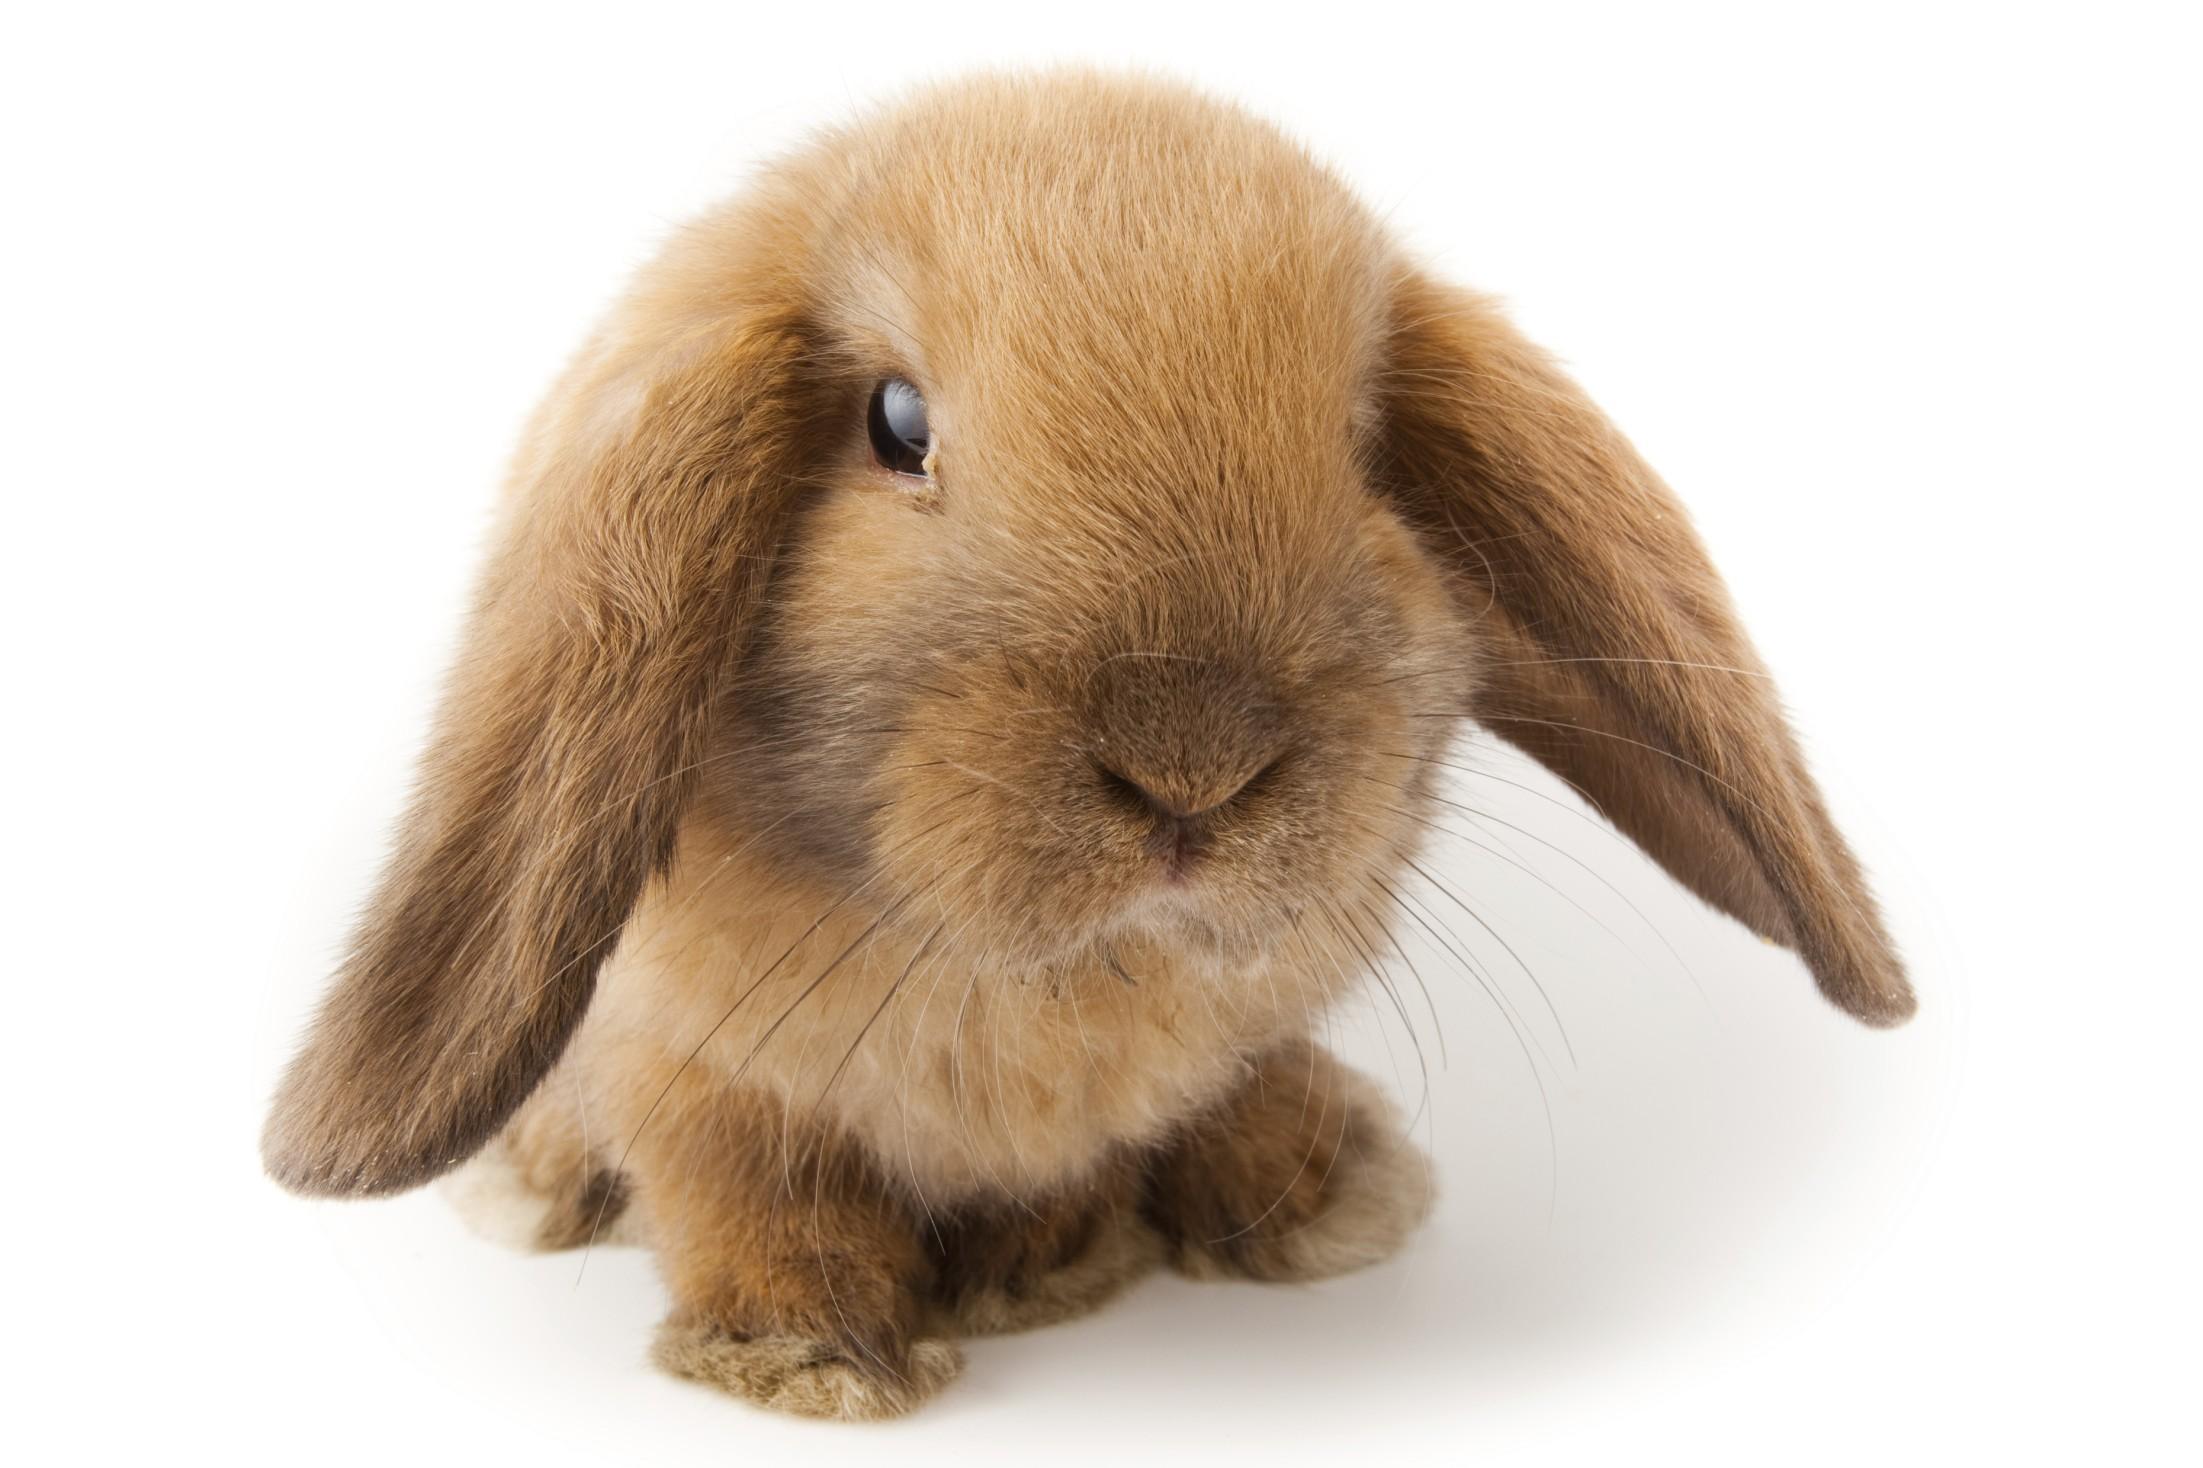 coniglio ariete nano | allevamentoconigli.it